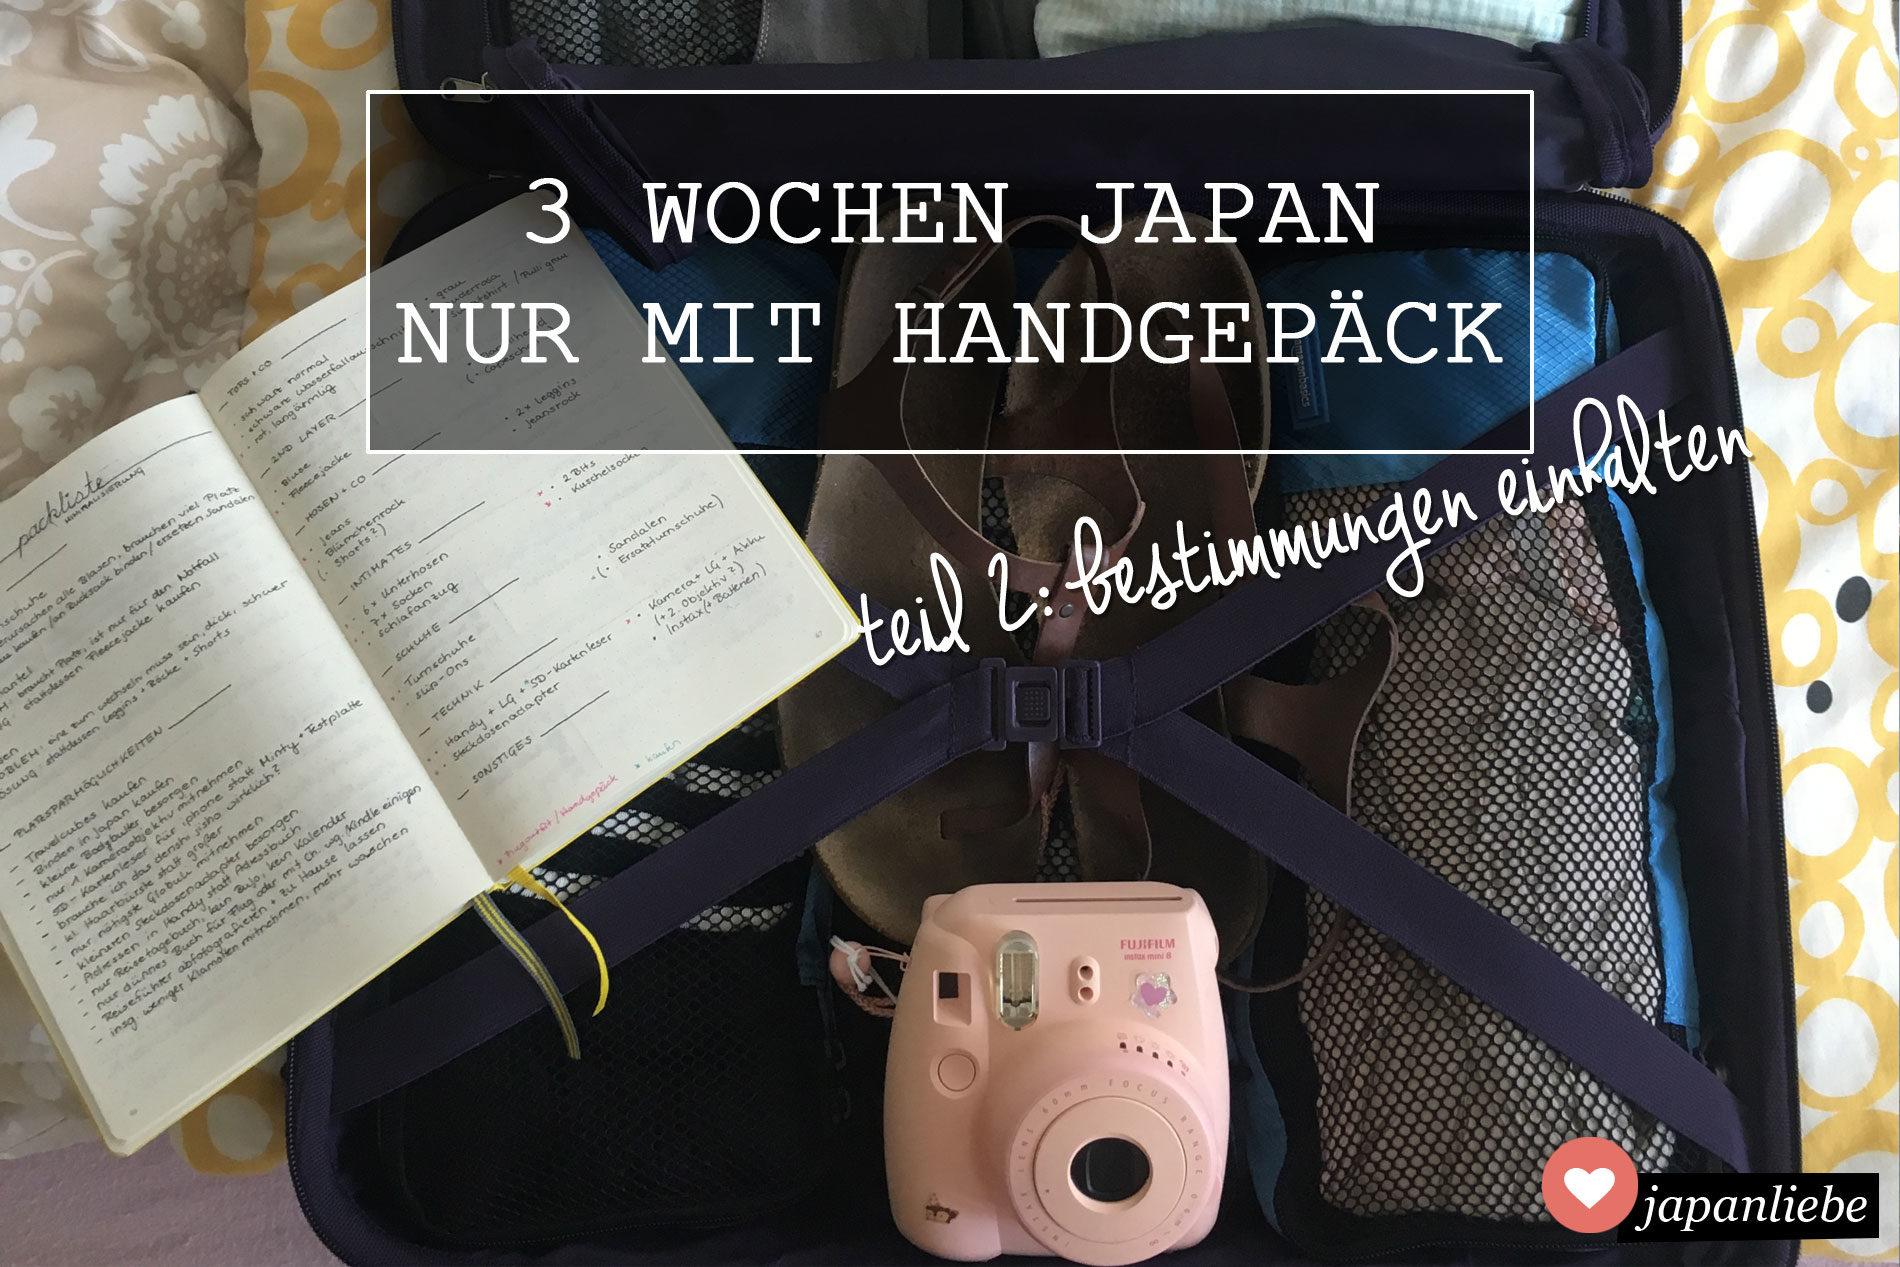 3 Wochen Japan nur mit Handgepäck: Handgepäckbestimmungen einhalten